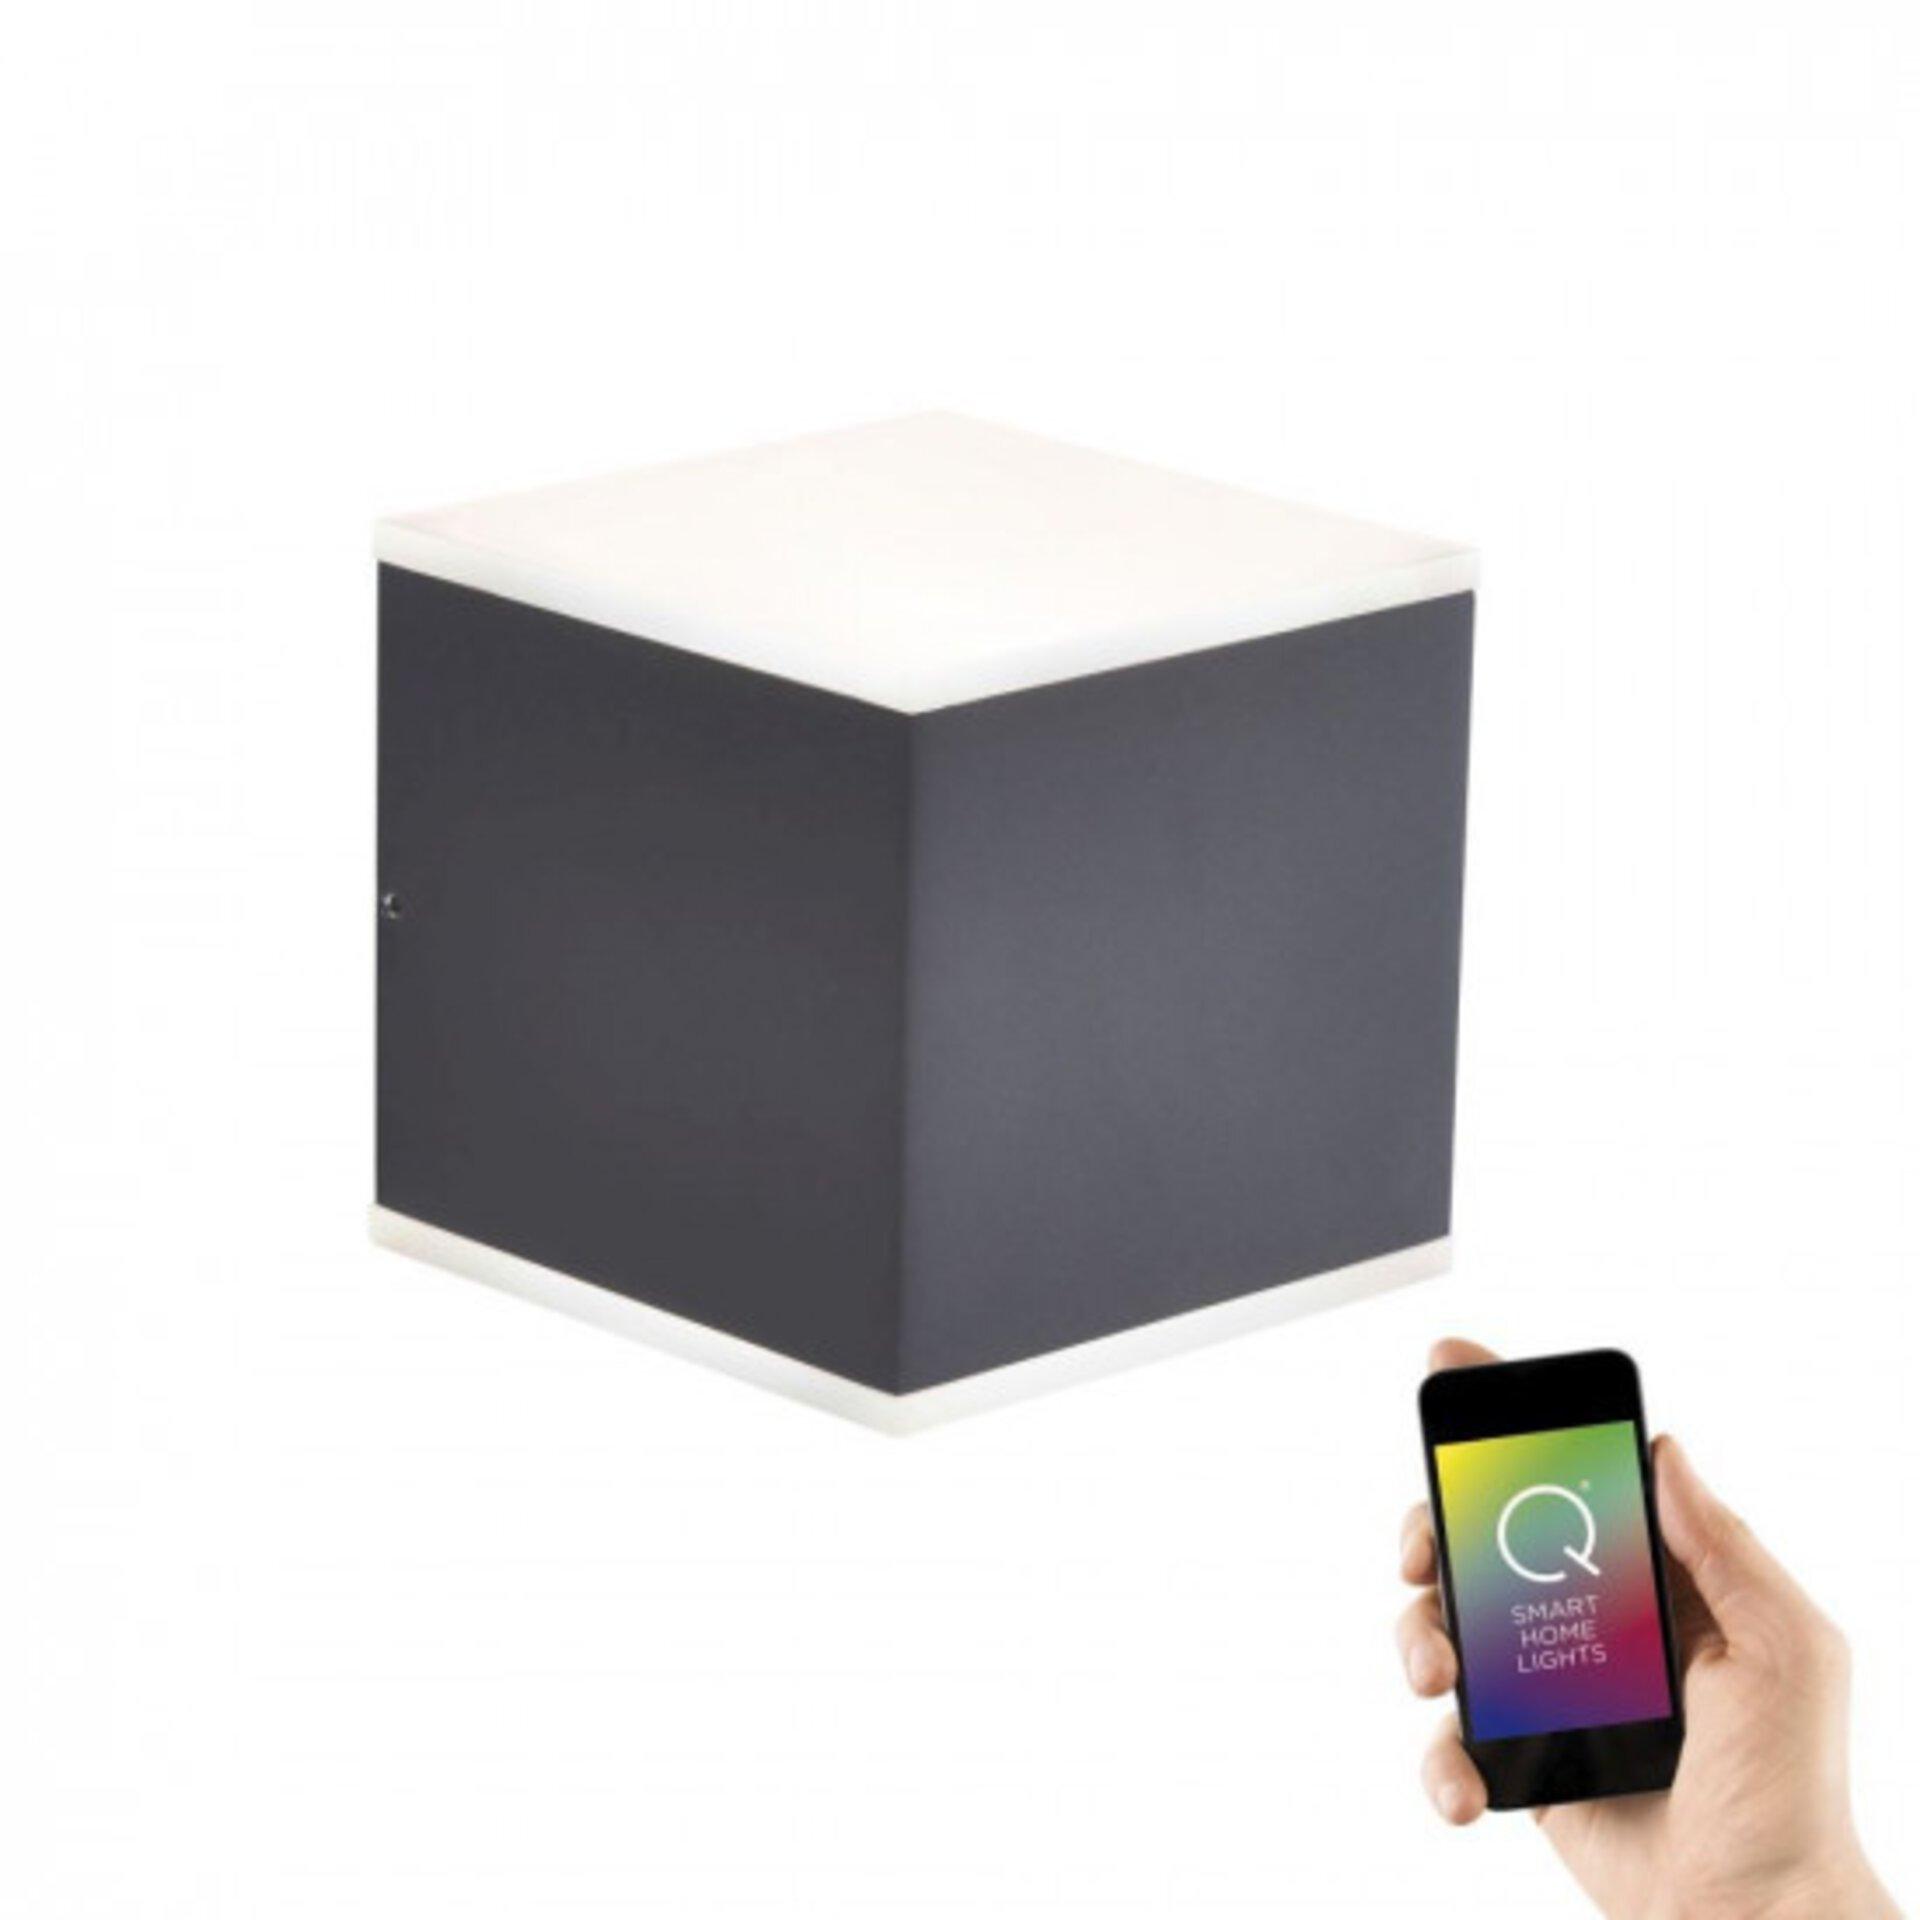 Smart-Home-Leuchten Q-AMIN Paul Neuhaus Metall 11 x 11 x 11 cm